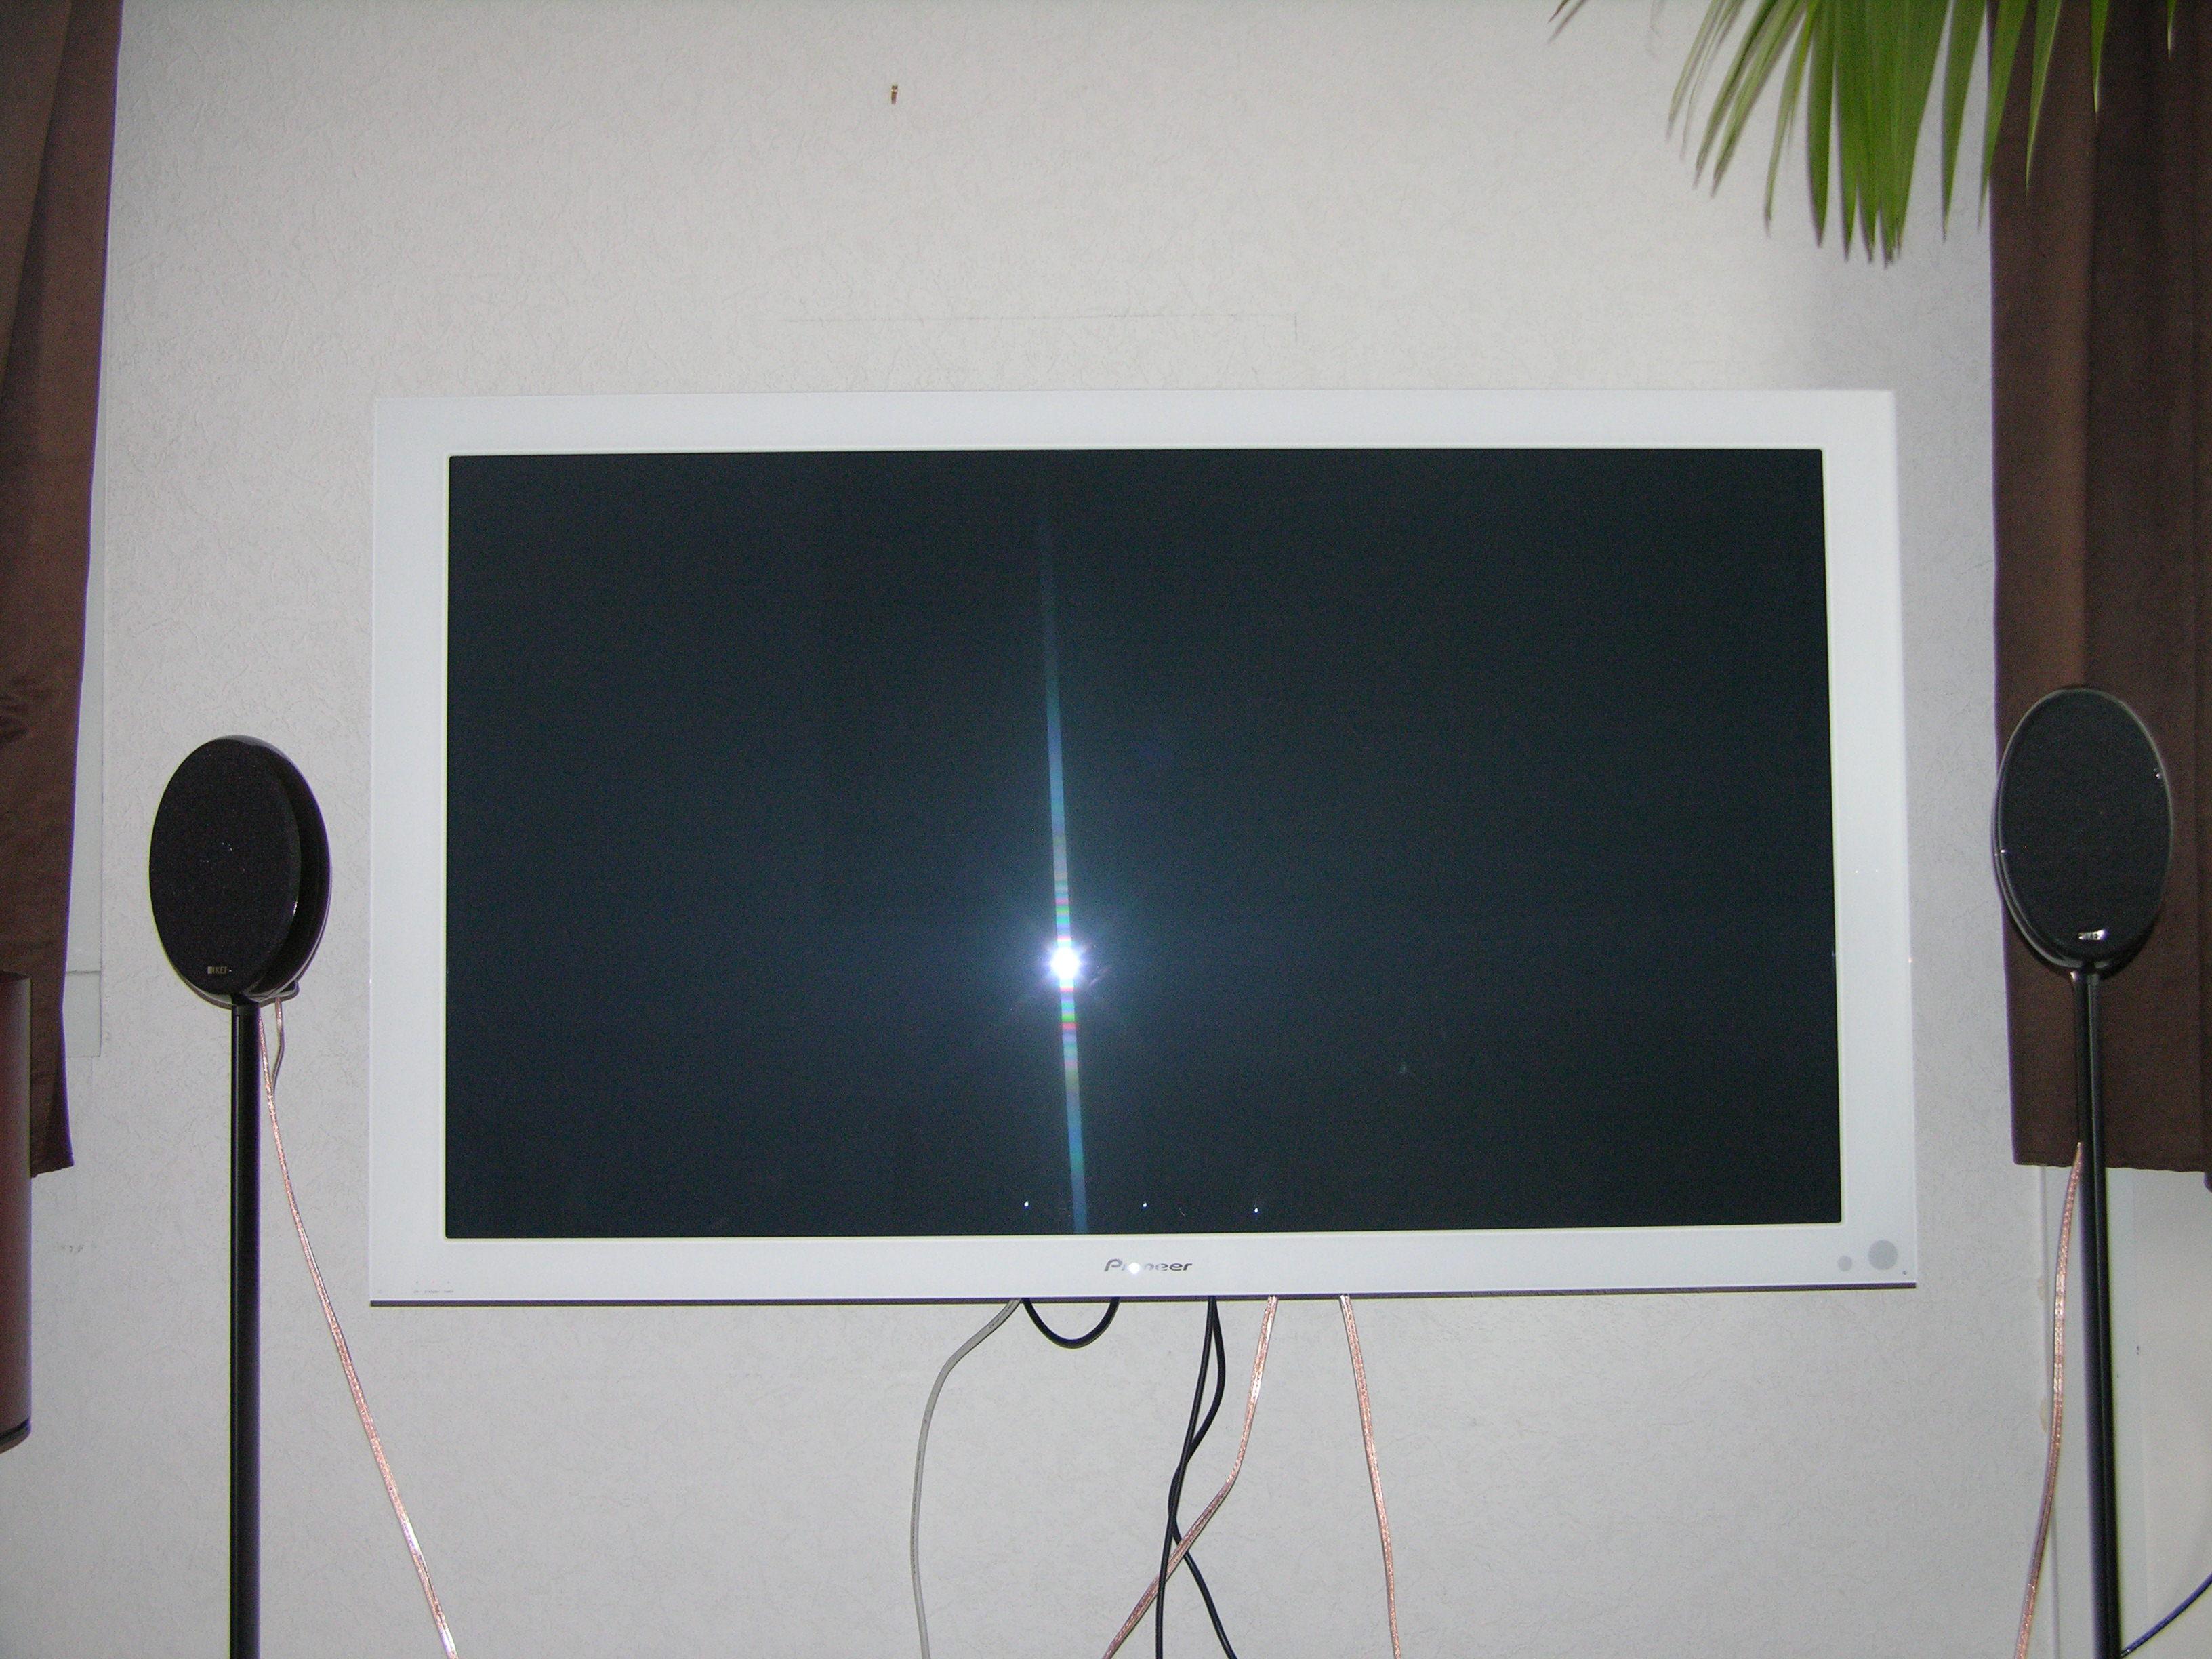 Installer sa tv au mur conseils astuces et photos - Cacher fils electriques mur ...